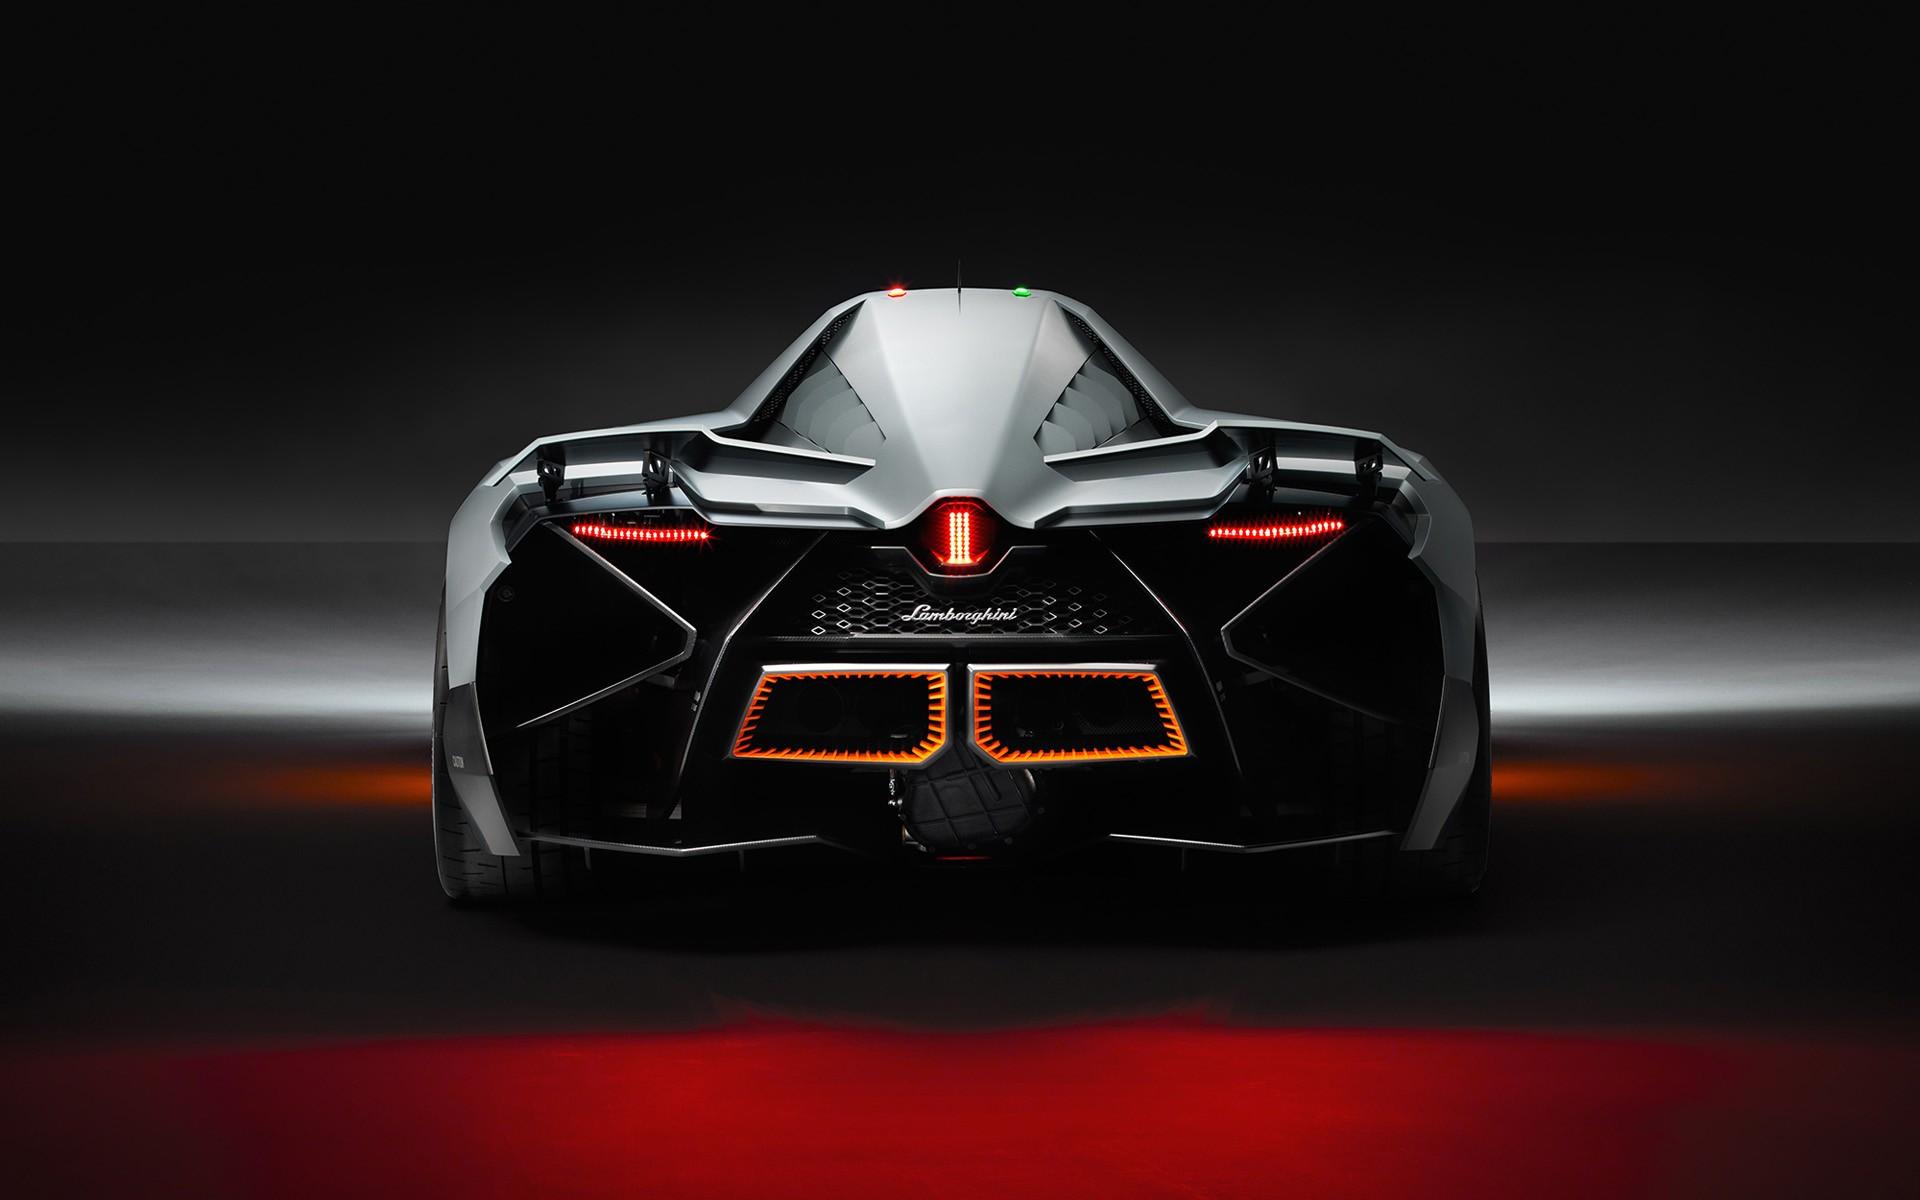 Wallpaper Concept Cars Lamborghini Aventador Sports Car